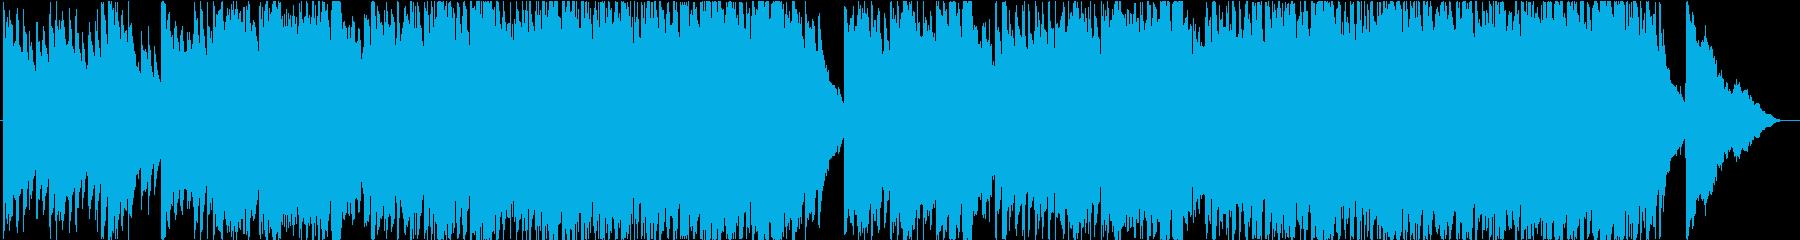 ドラマチック、シネマティック、ピアノの再生済みの波形